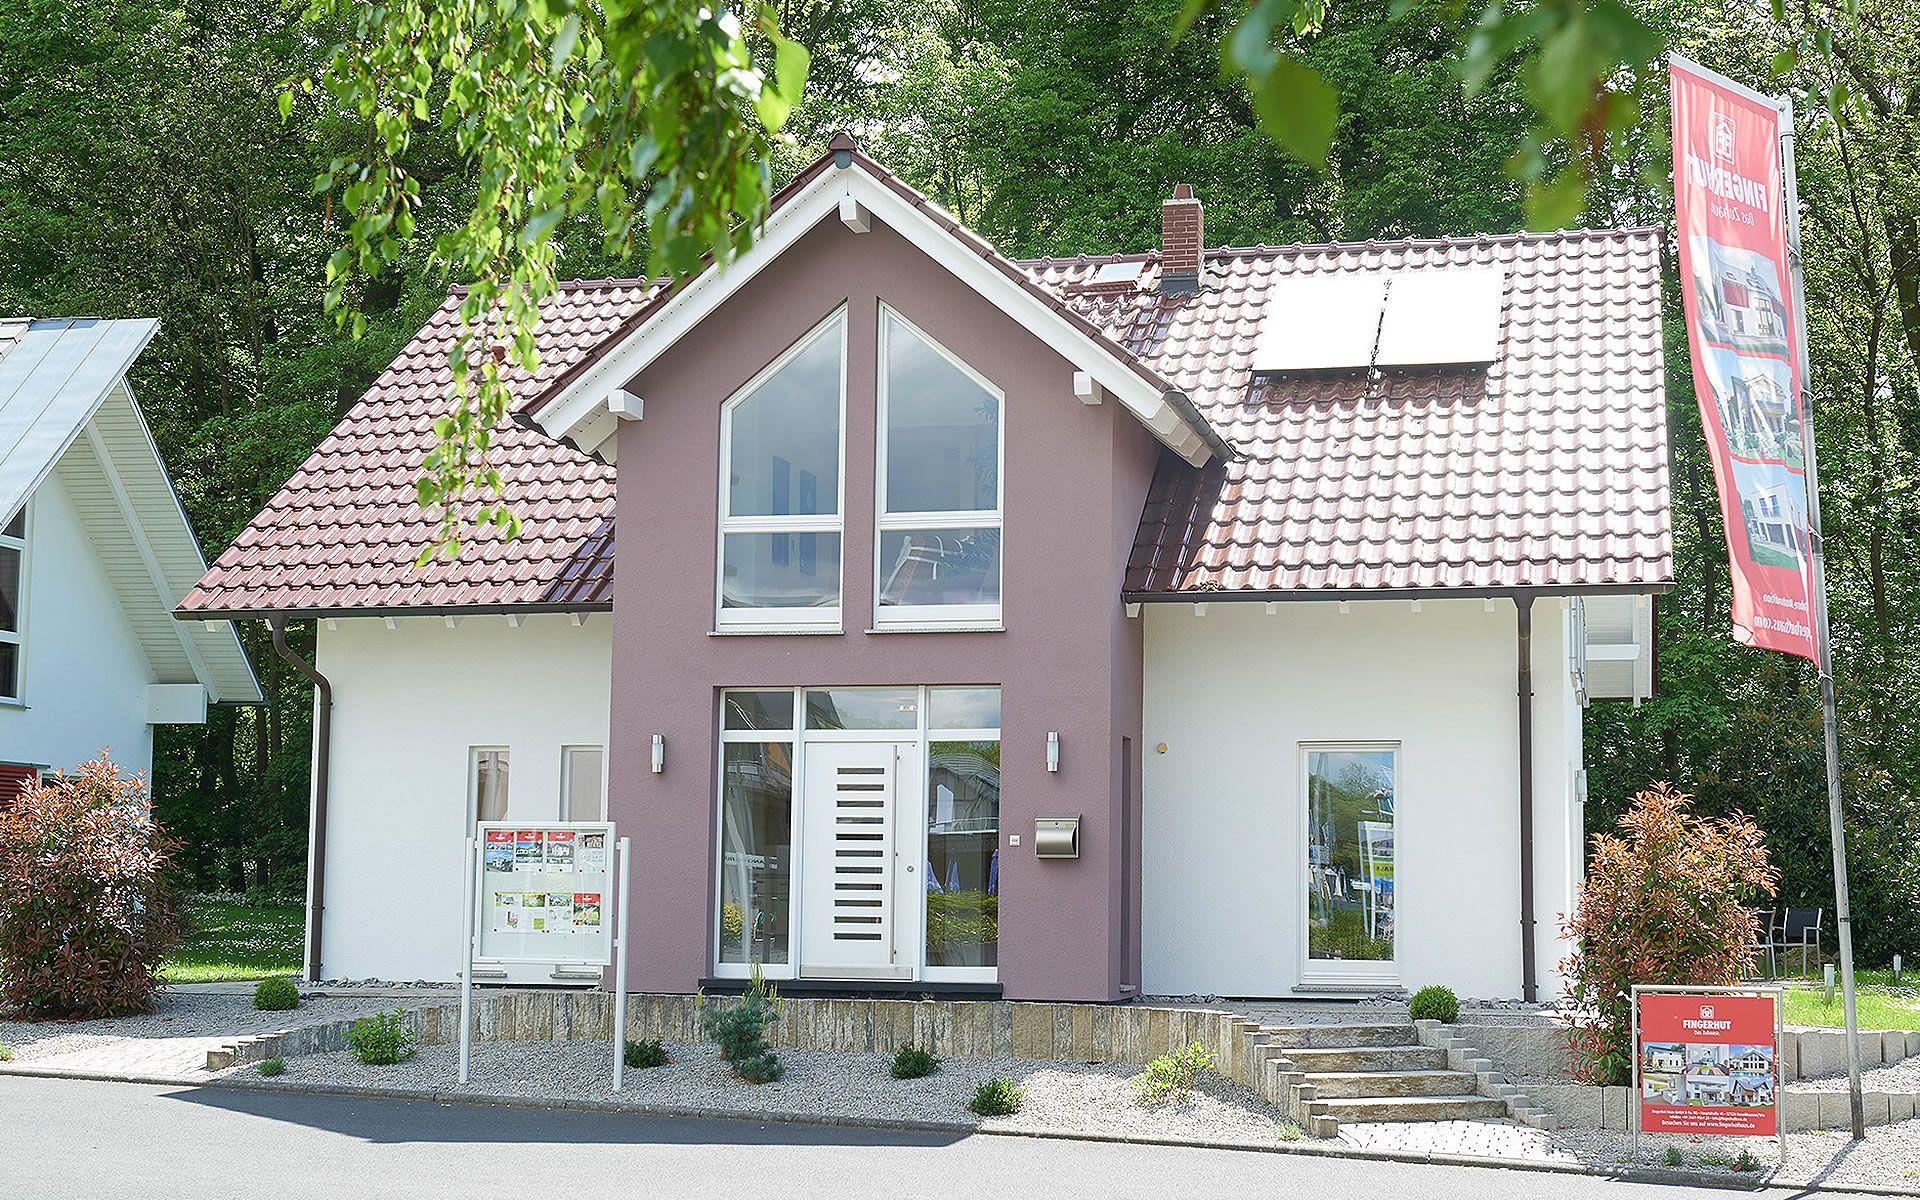 Musterhaus Bad Vilbel (3-Giebelhaus) von Fingerhut Haus GmbH & Co. KG